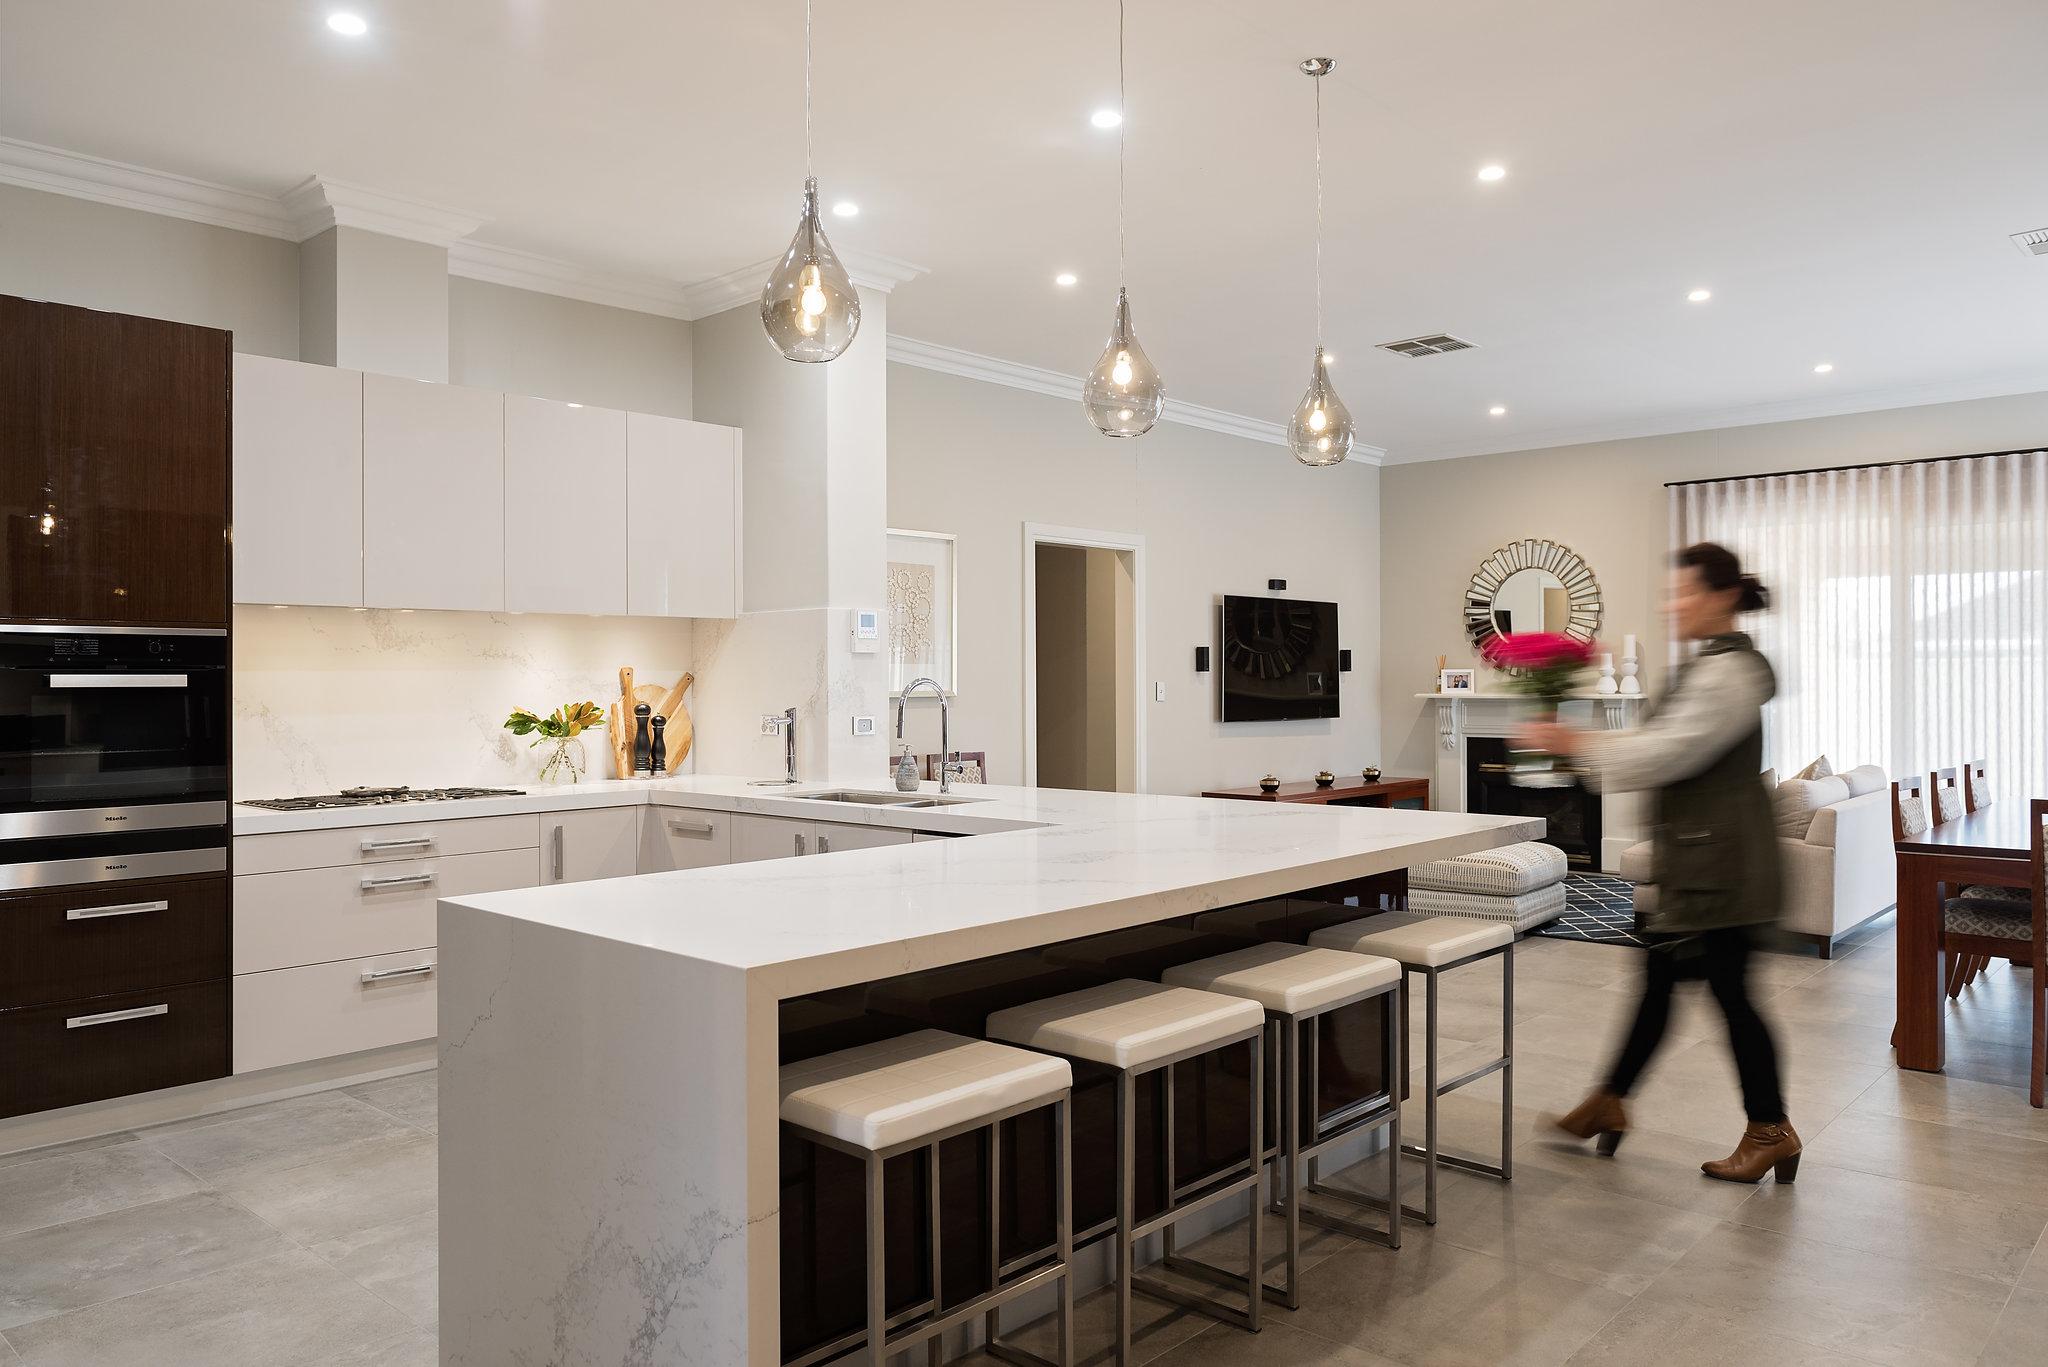 Ferryden Park Kitchen Design